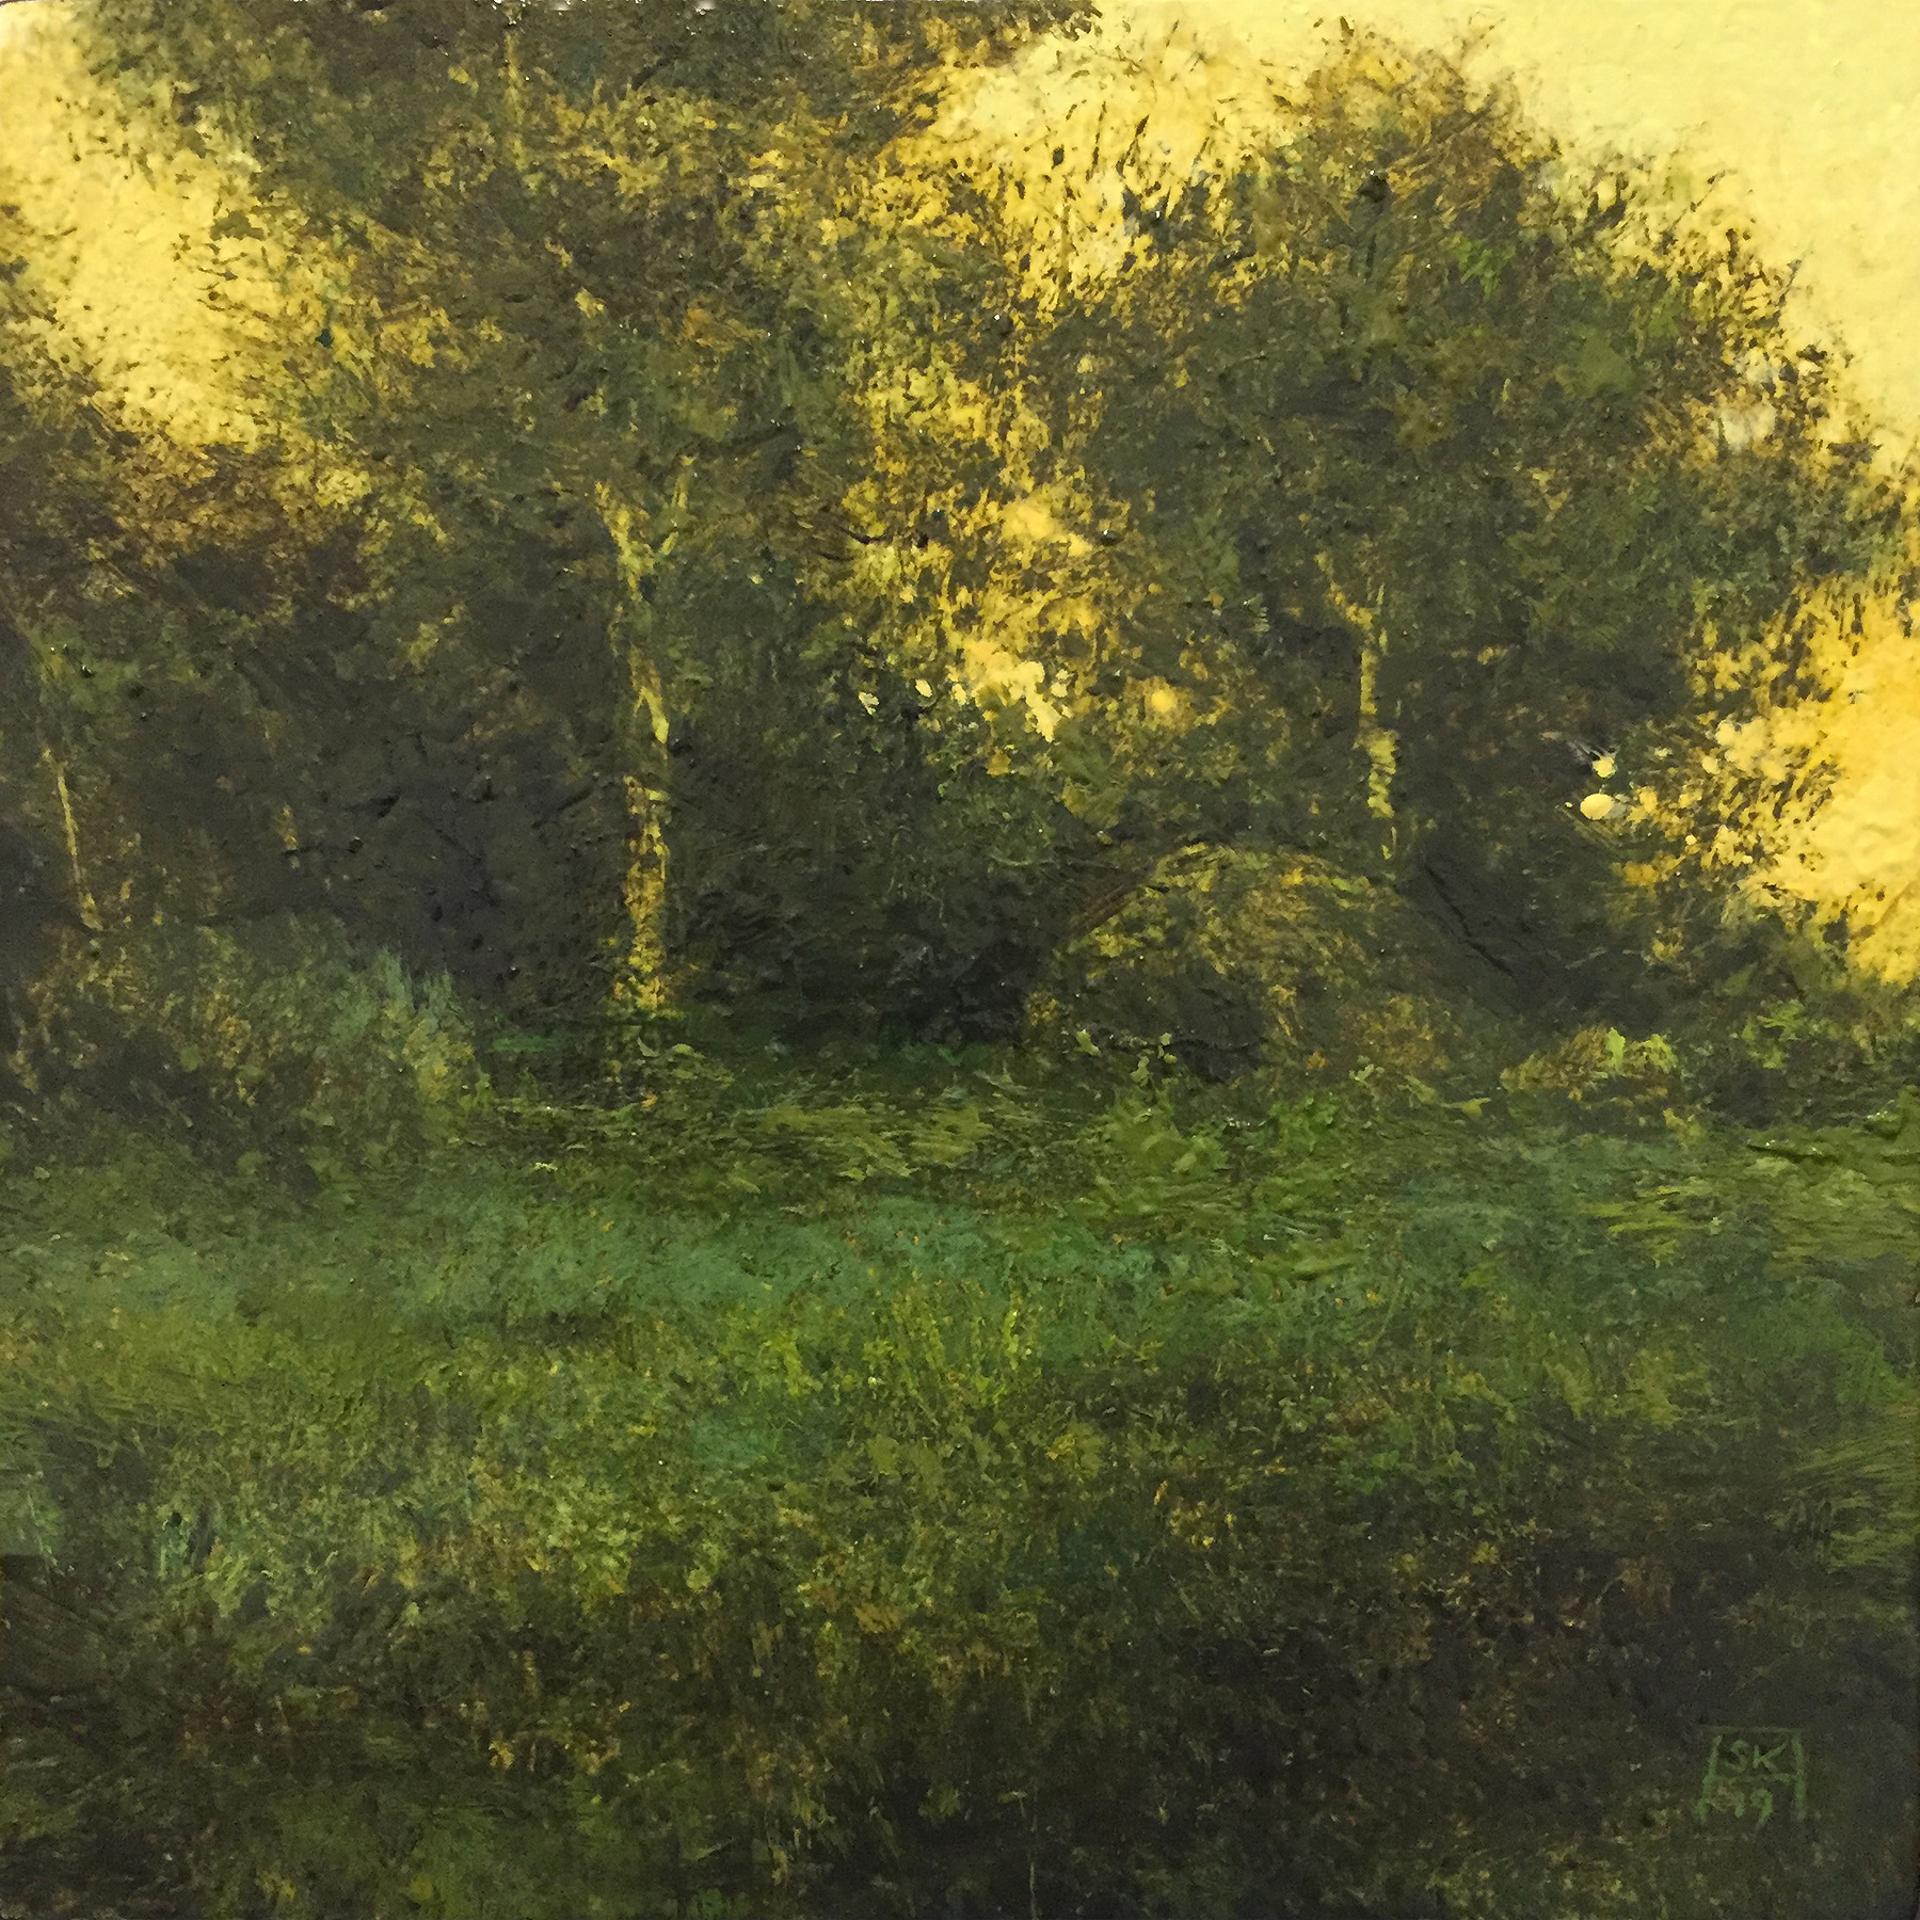 Evening (Ode to H. B. Jones) by Shawn Krueger